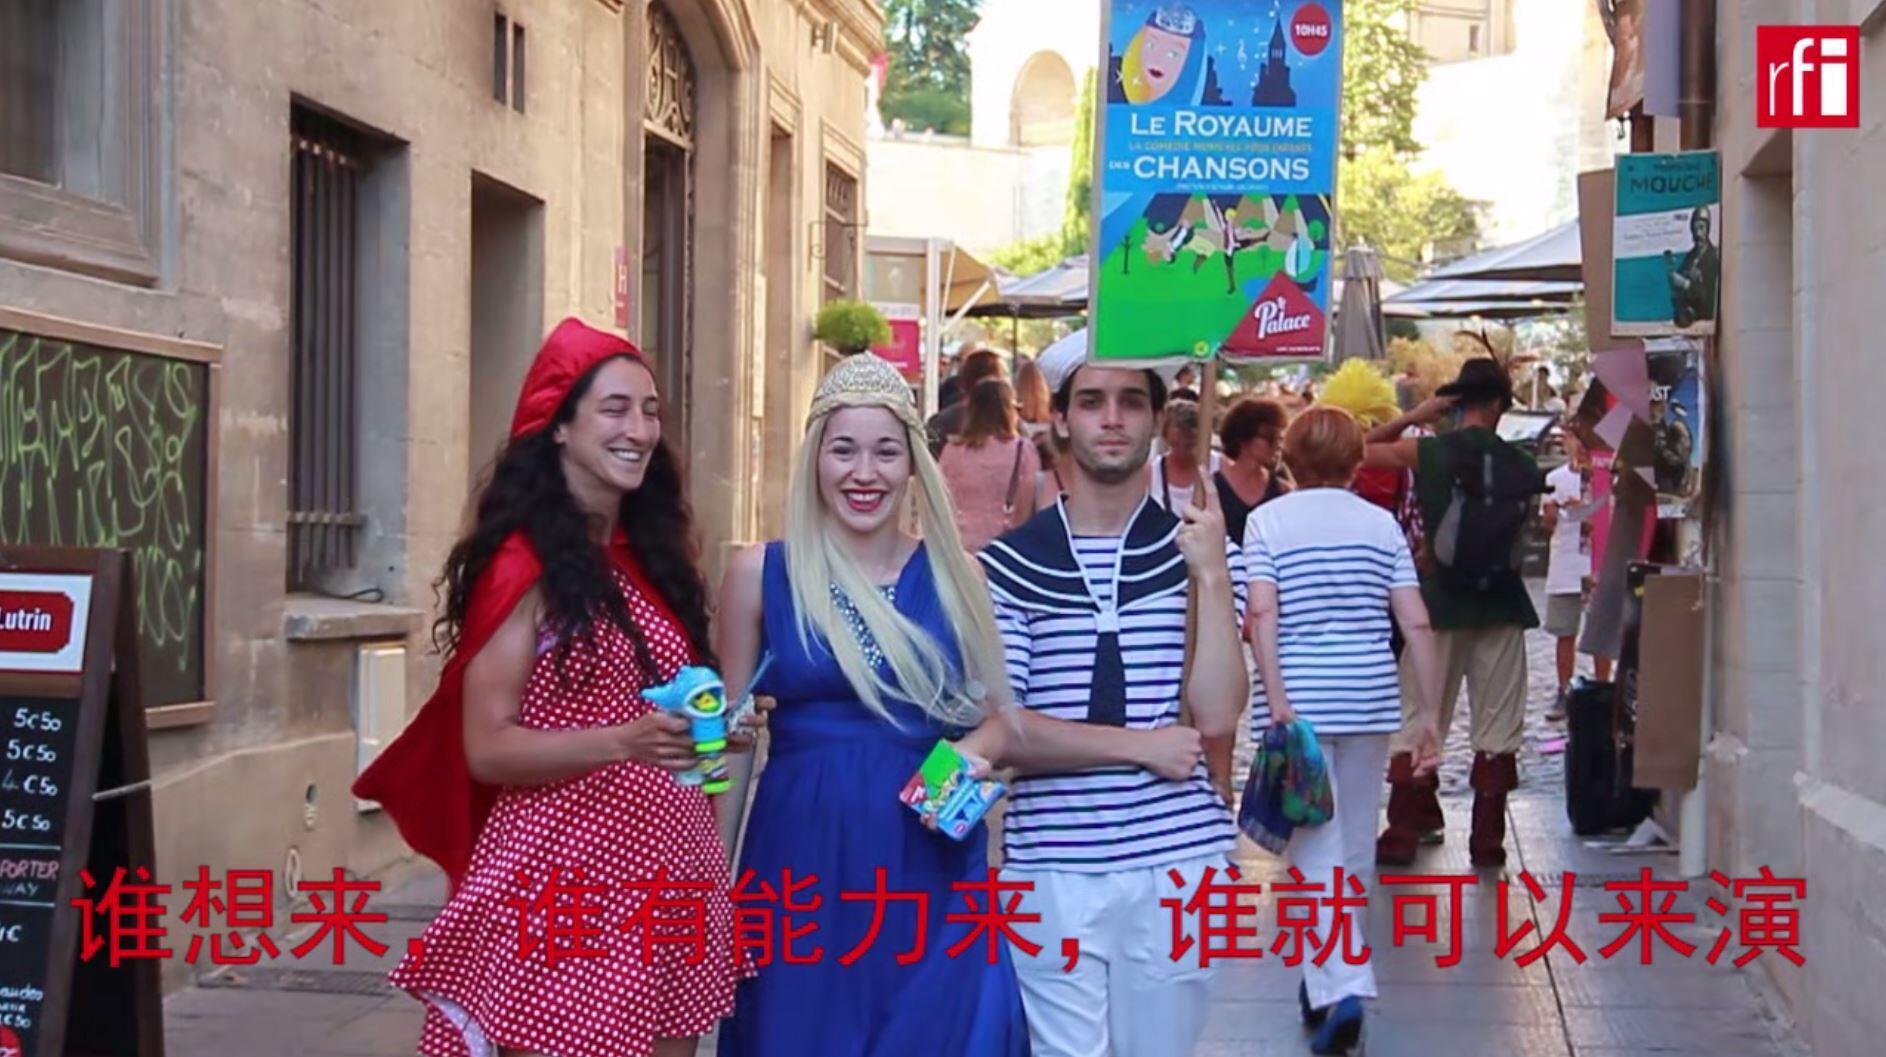 2017年阿维尼翁戏剧节街景